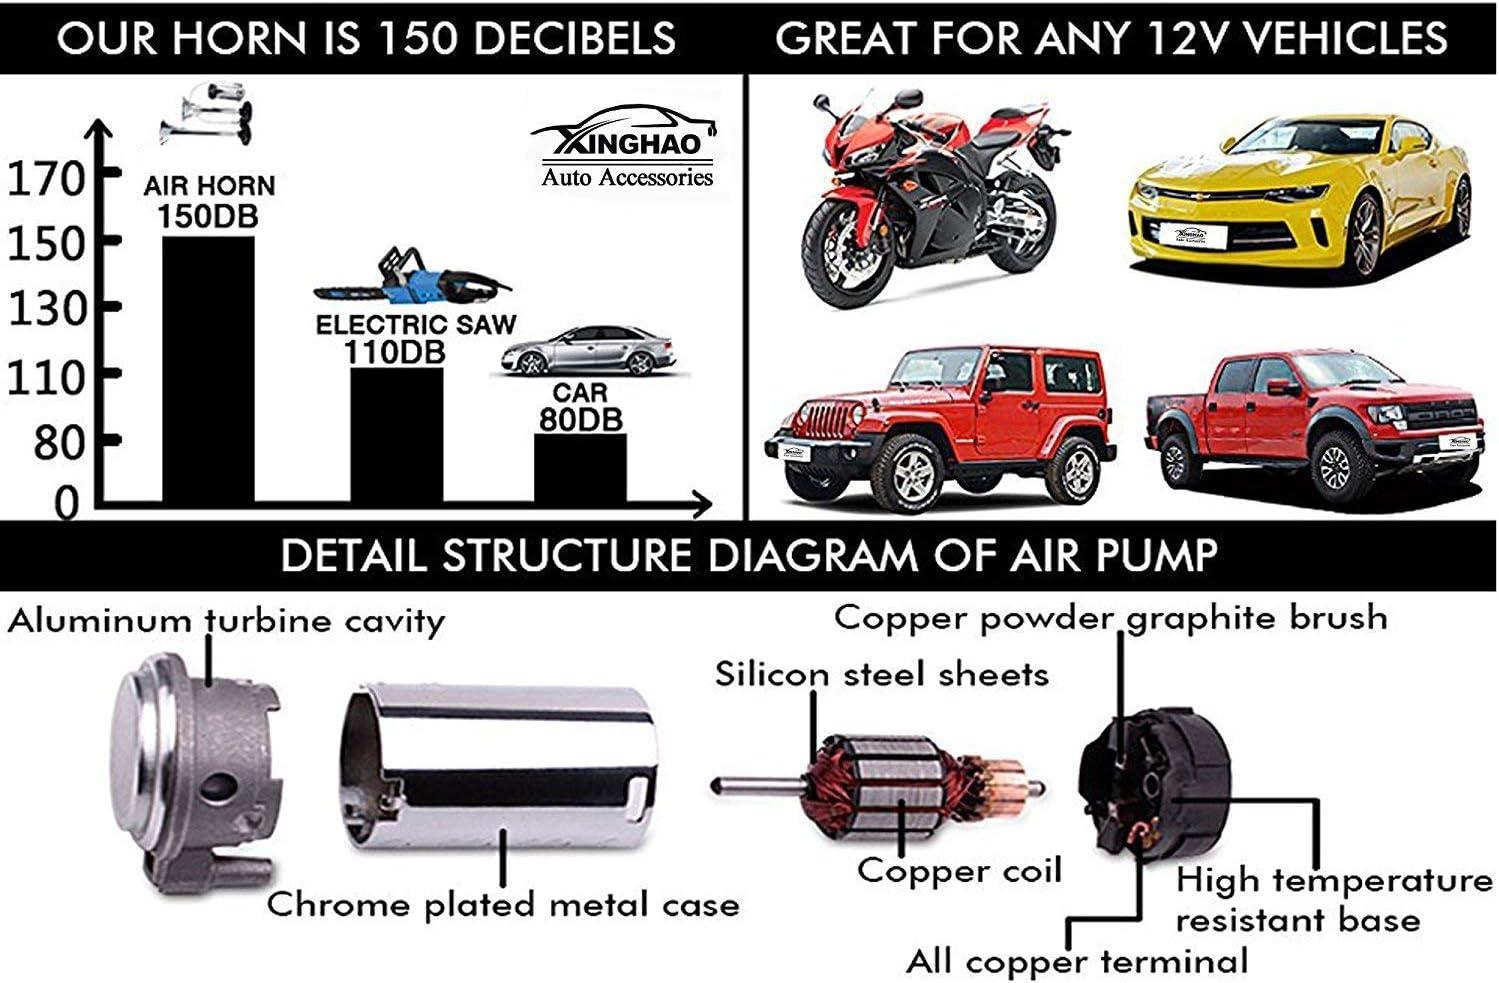 Dhuile Auto Horn 12 V 150db Air Horn Auto Lautsprecher 430 Mm Chrom Zink Trompetenform Truck Elektrische Horn Kompressor Alle 12 V Fahrzeuge Lkws Lkw Züge Boote Cars Auto